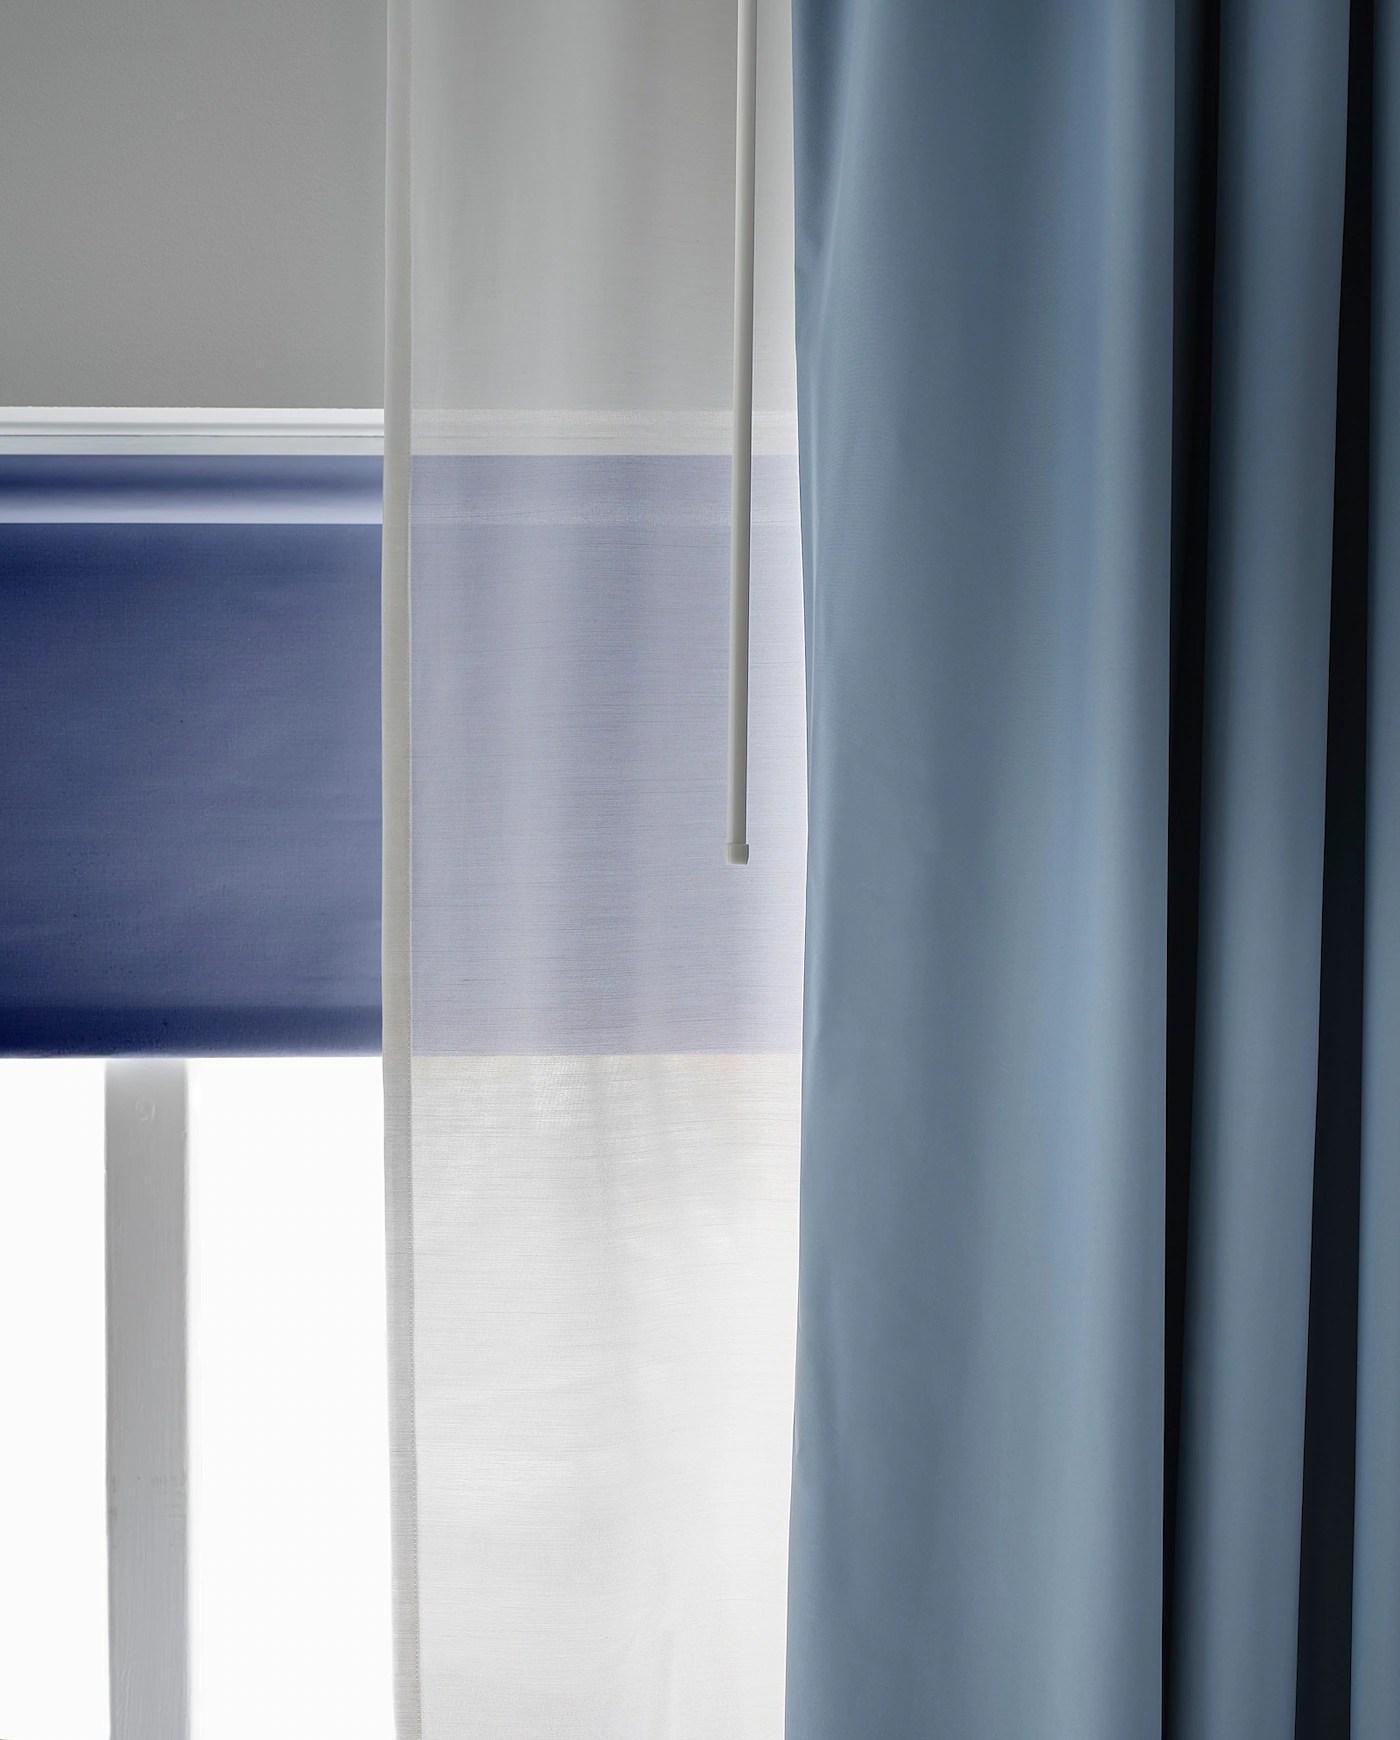 bengta rideau occultant 1 longueur bleu 210x300 cm